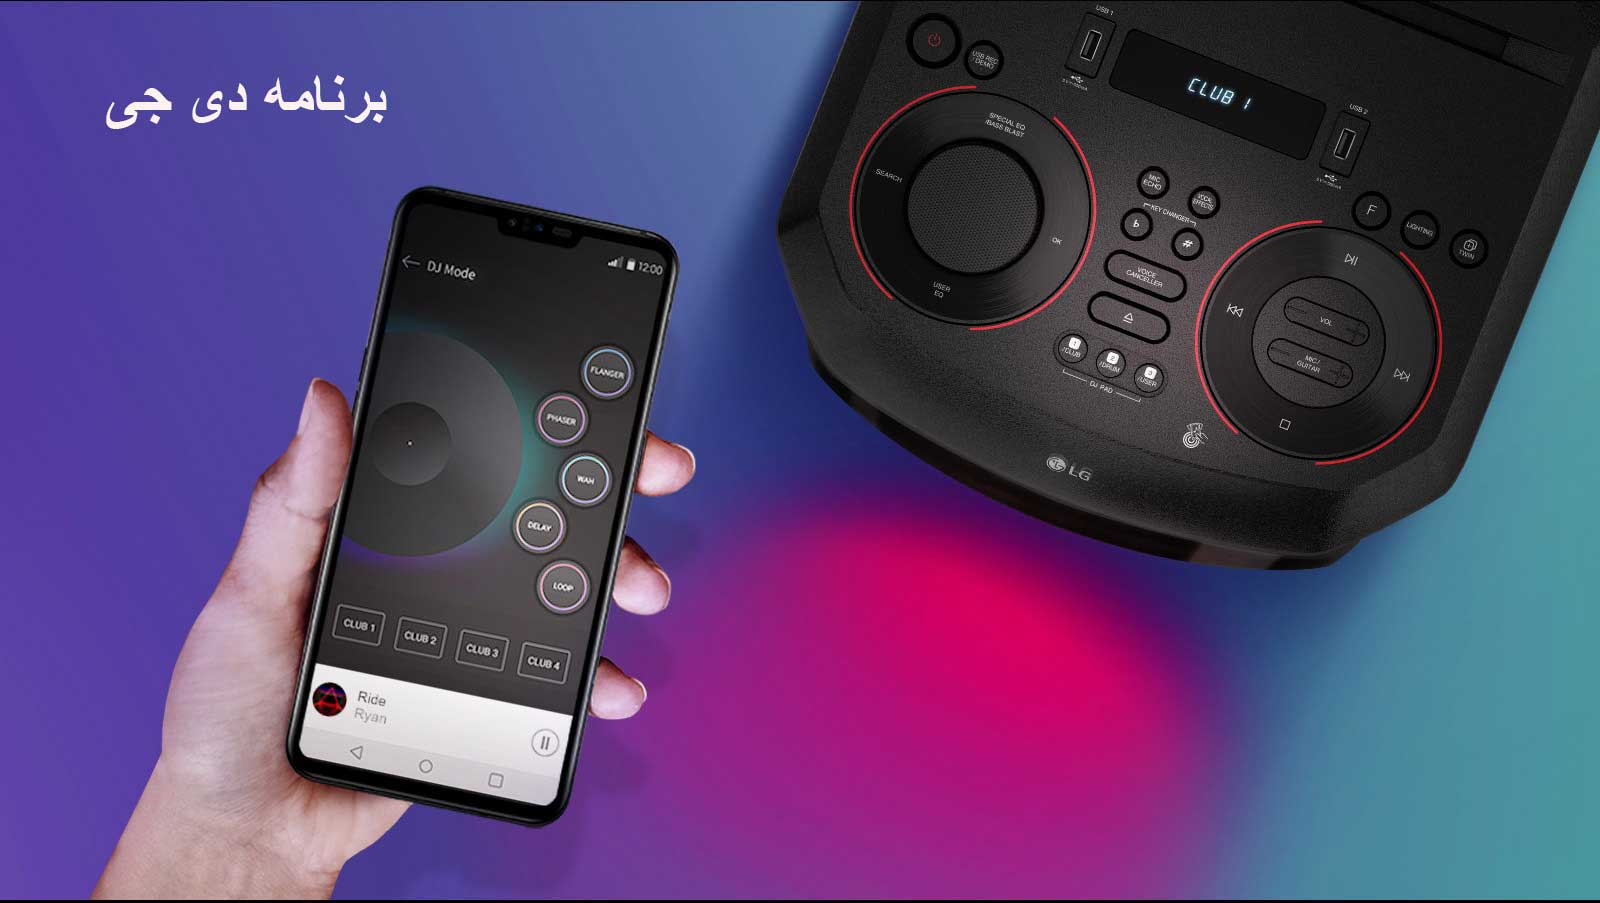 کنترل بی سیم از طریق بلوتوث سیستم صوتی ال جی rn5